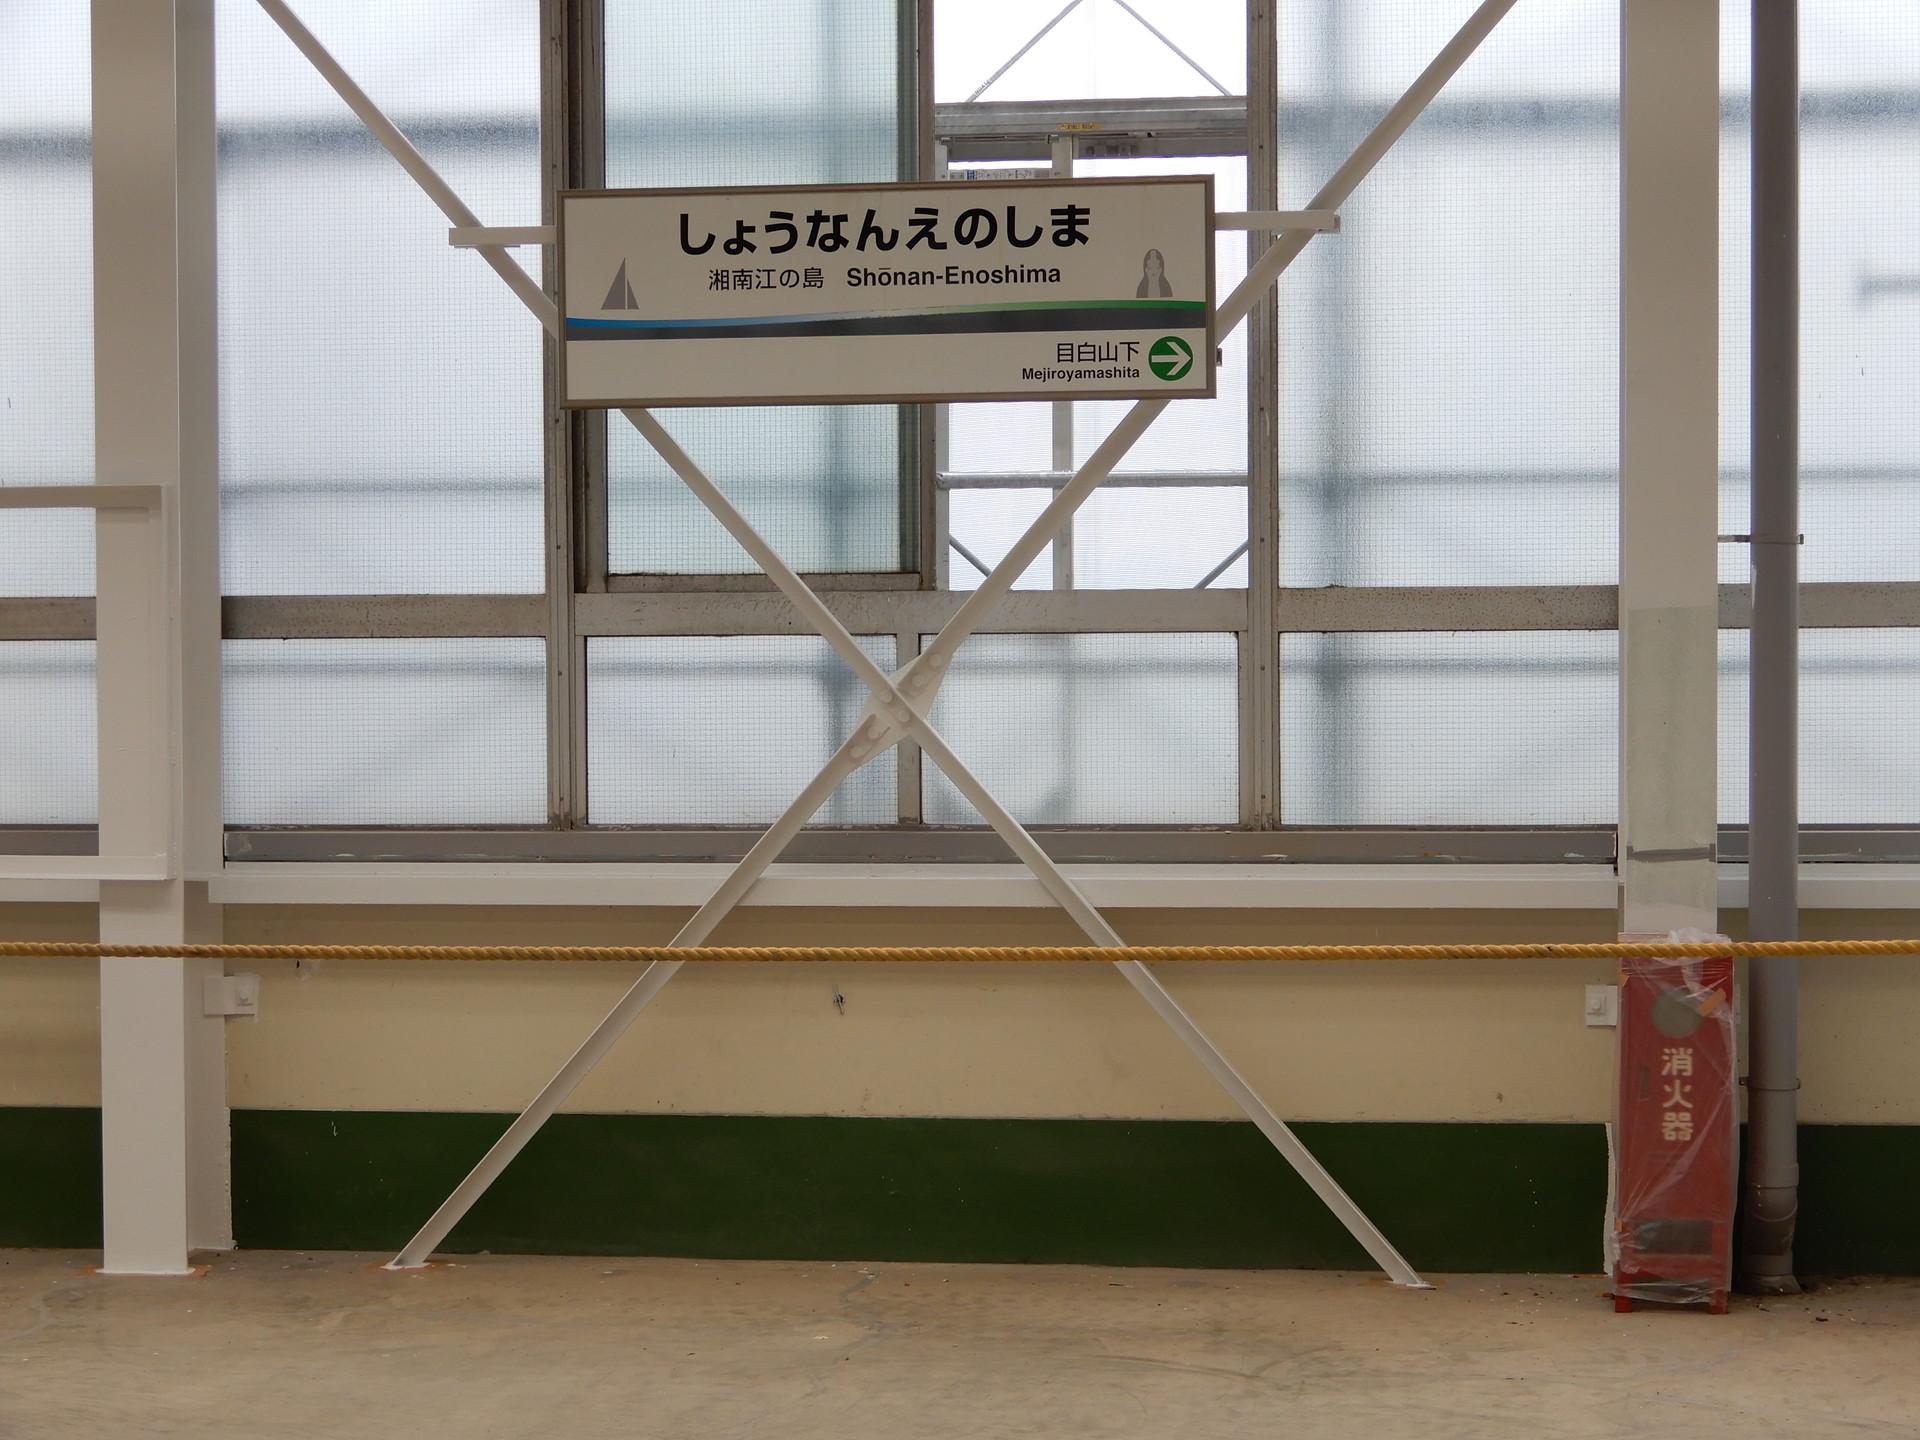 湘南江の島駅の駅名標